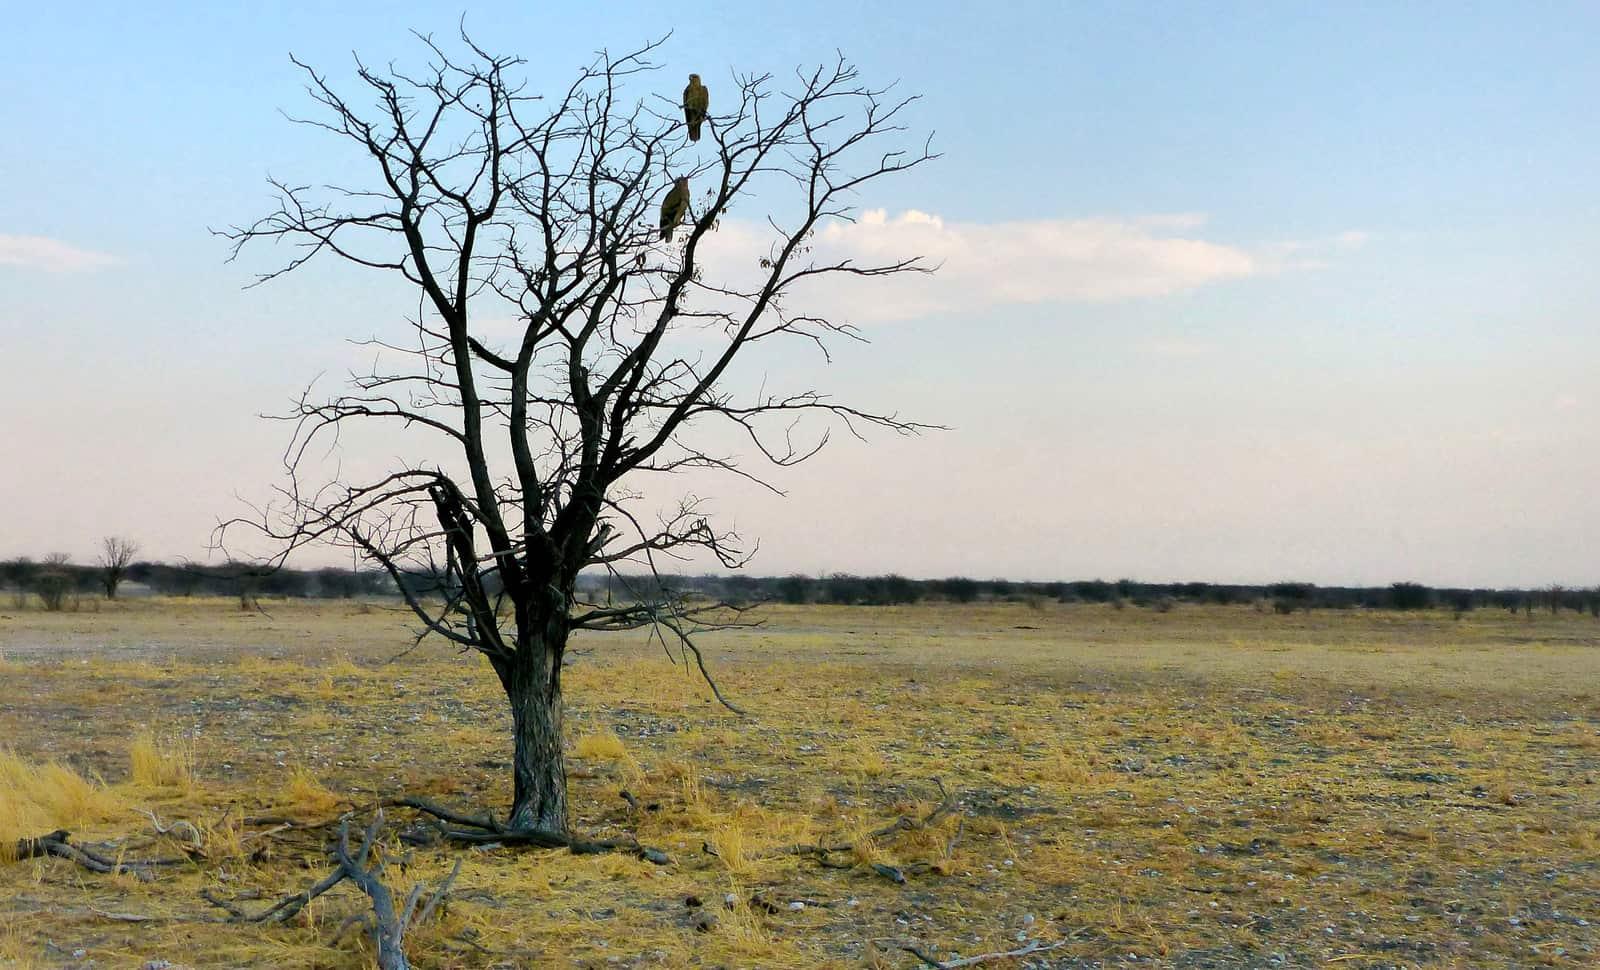 Eagles at Etosha National Park